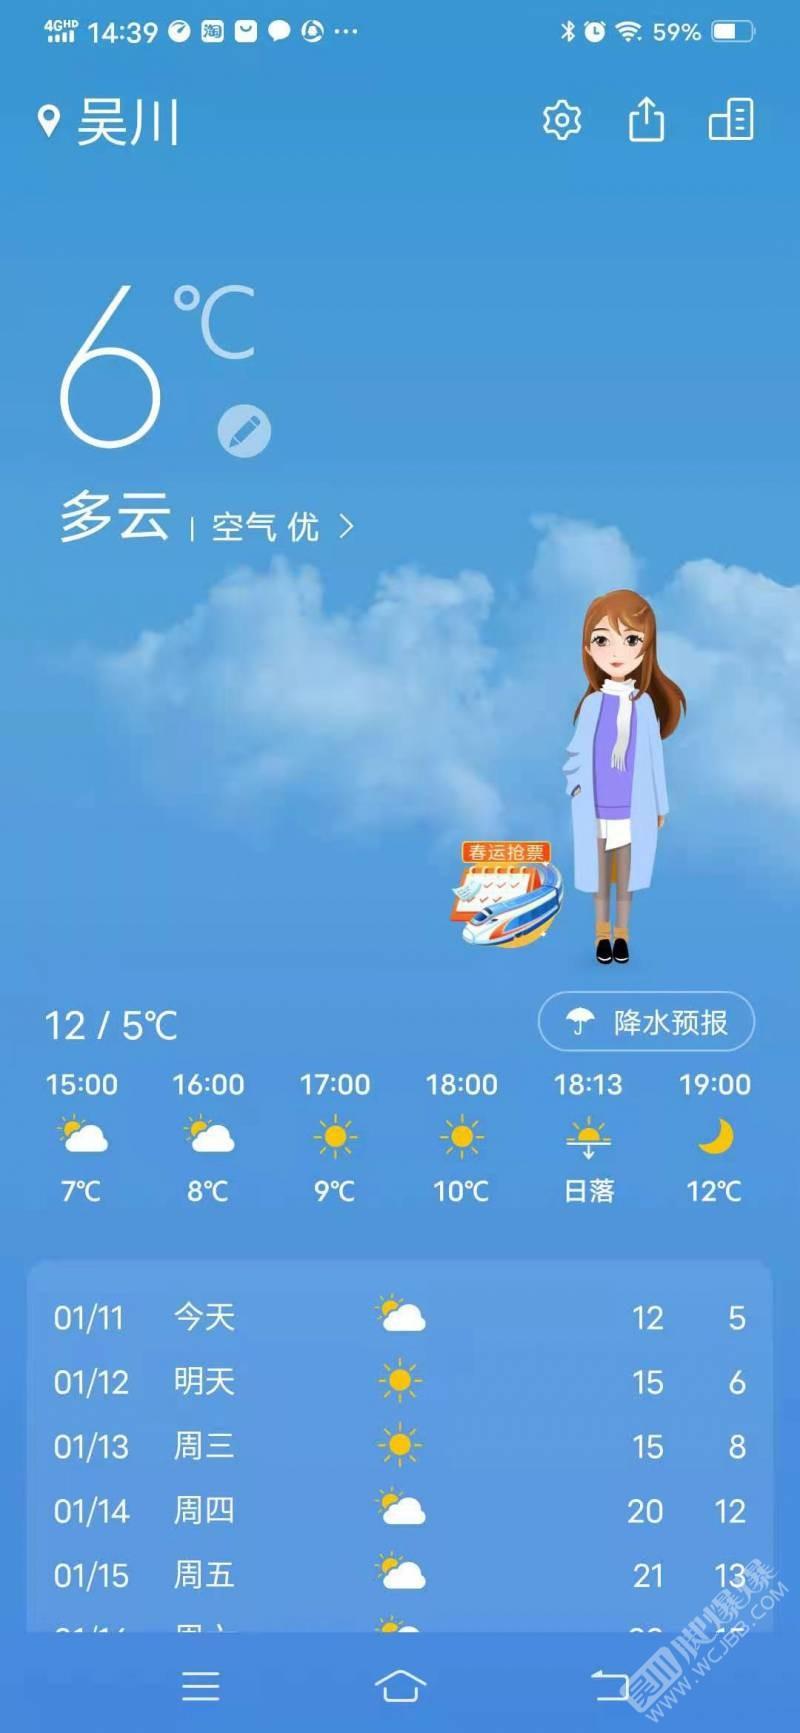 今天真系好冷啊